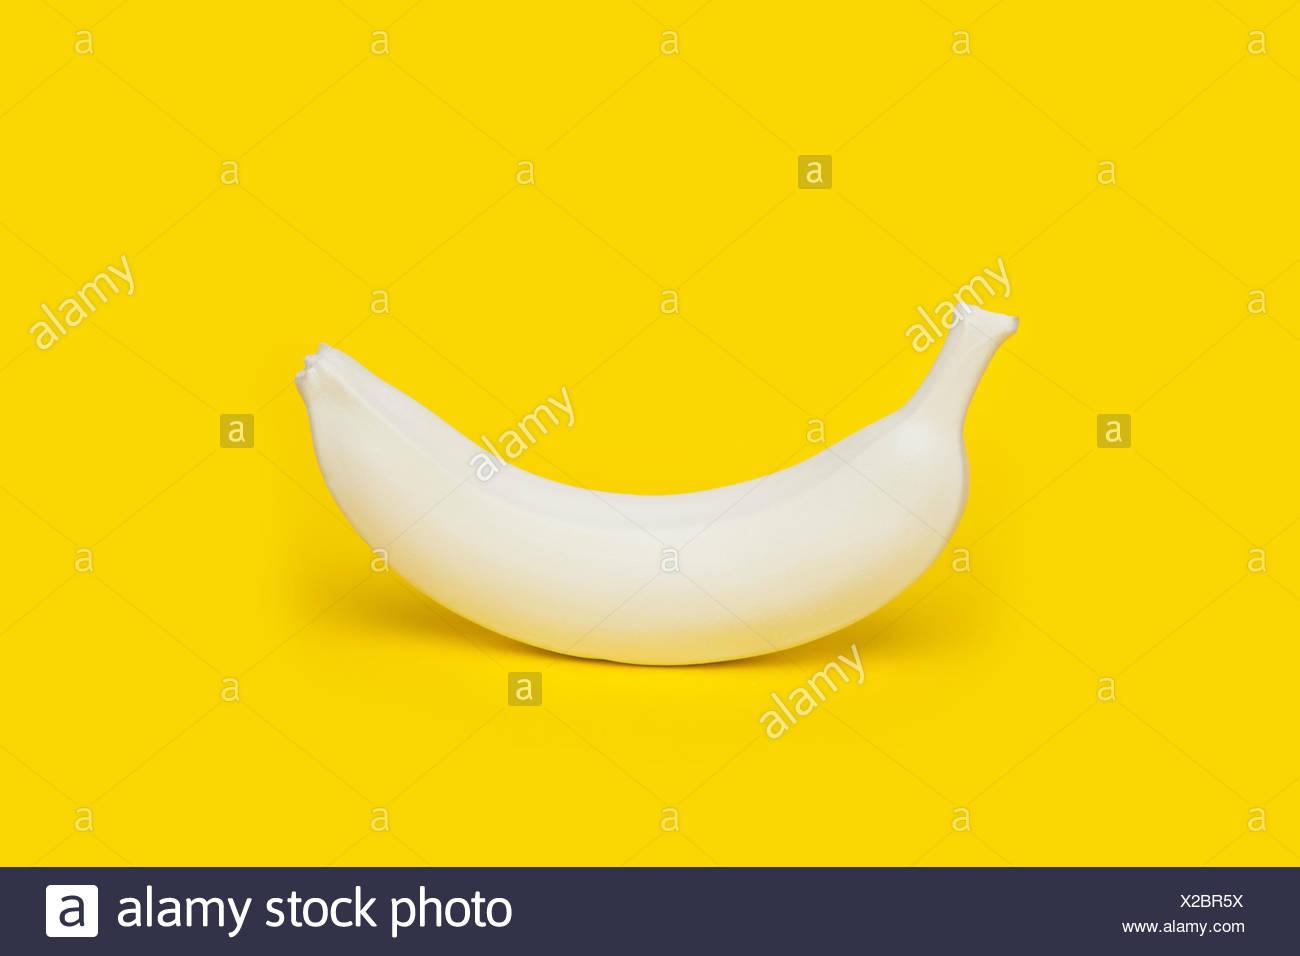 Banana pintados de blanco sobre fondo amarillo Imagen De Stock